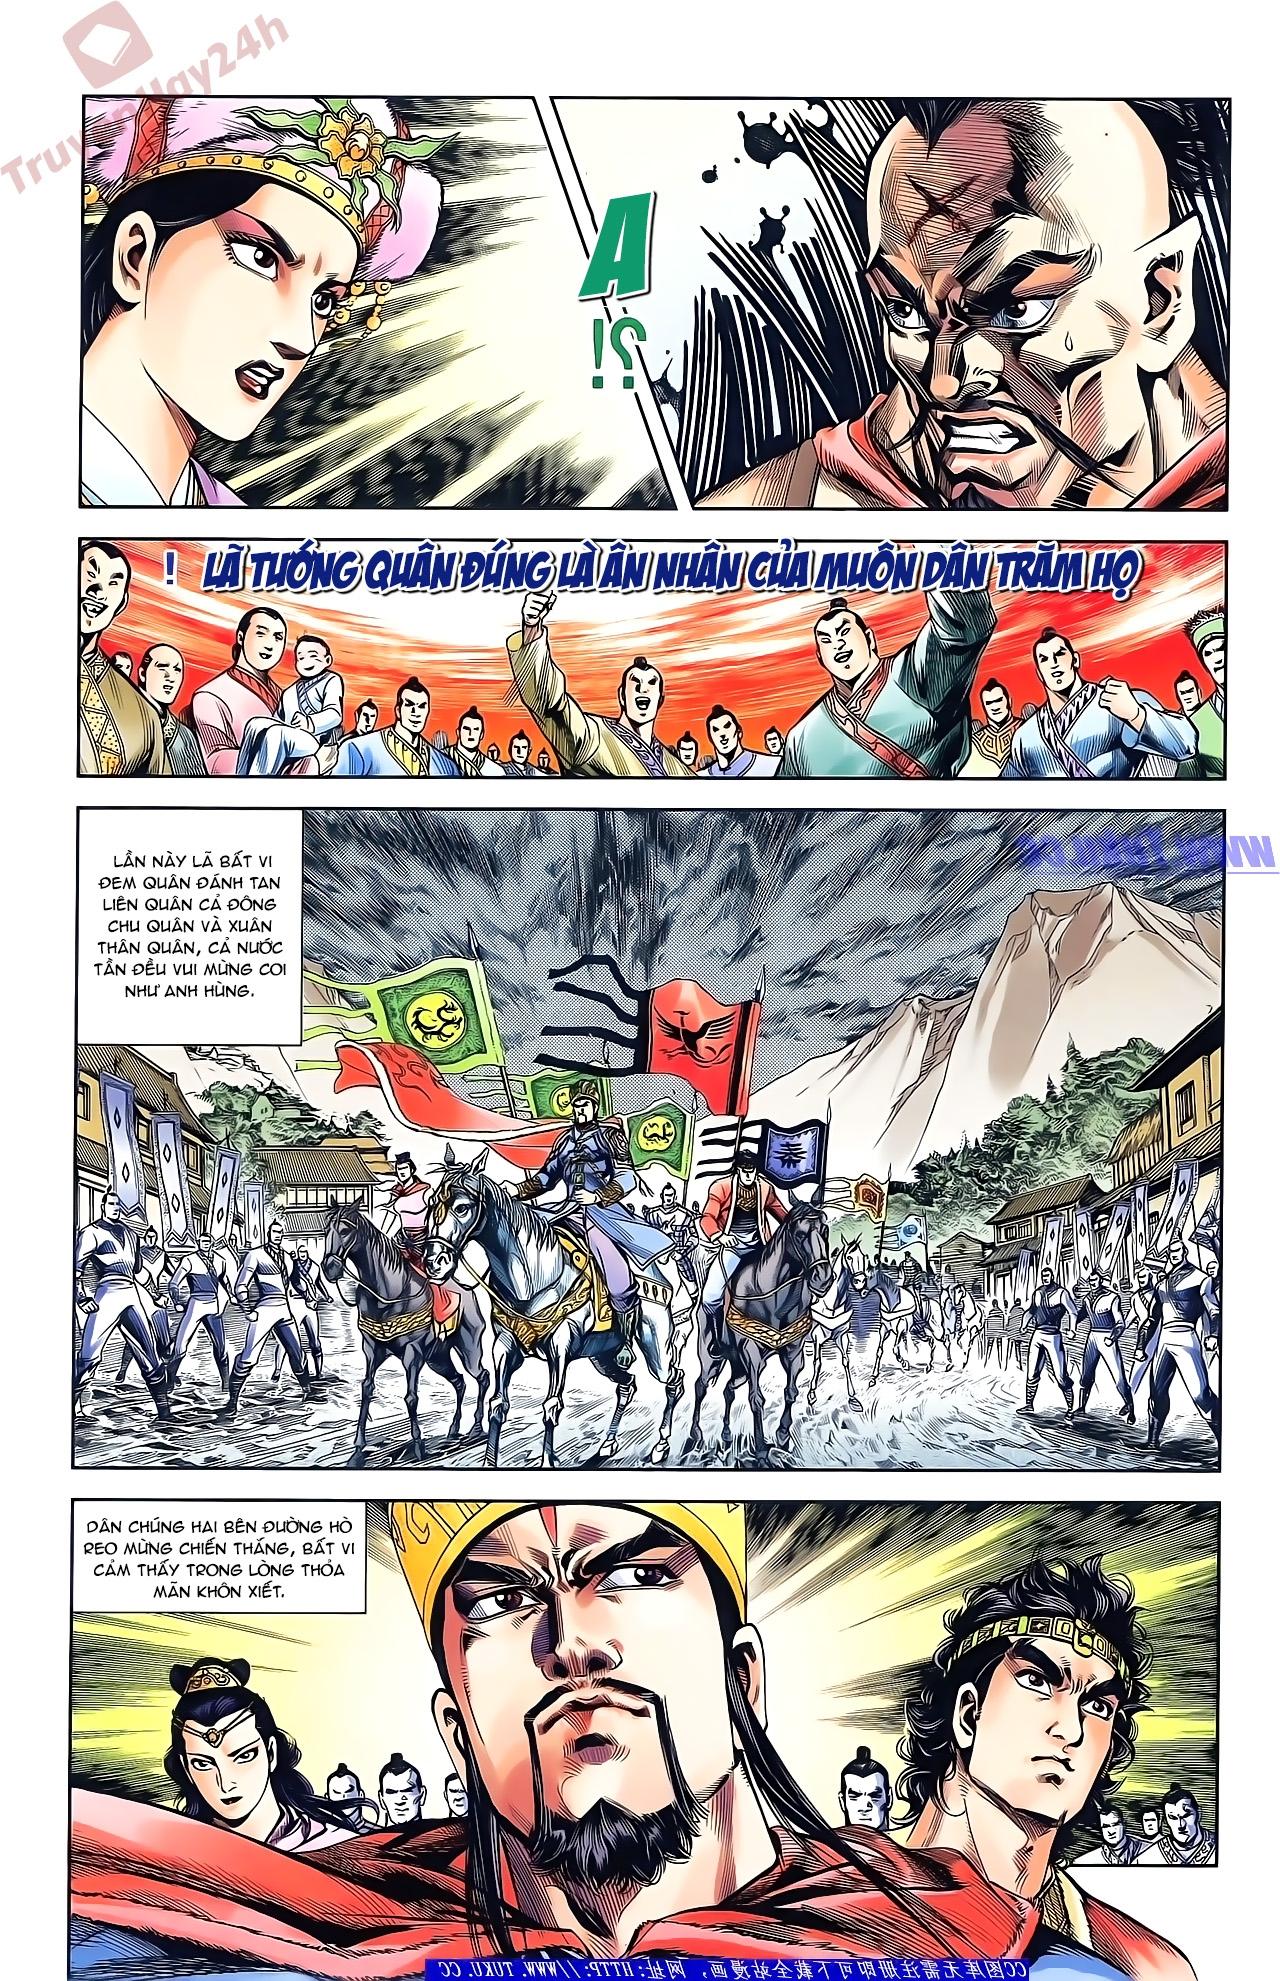 Tần Vương Doanh Chính chapter 50 trang 11